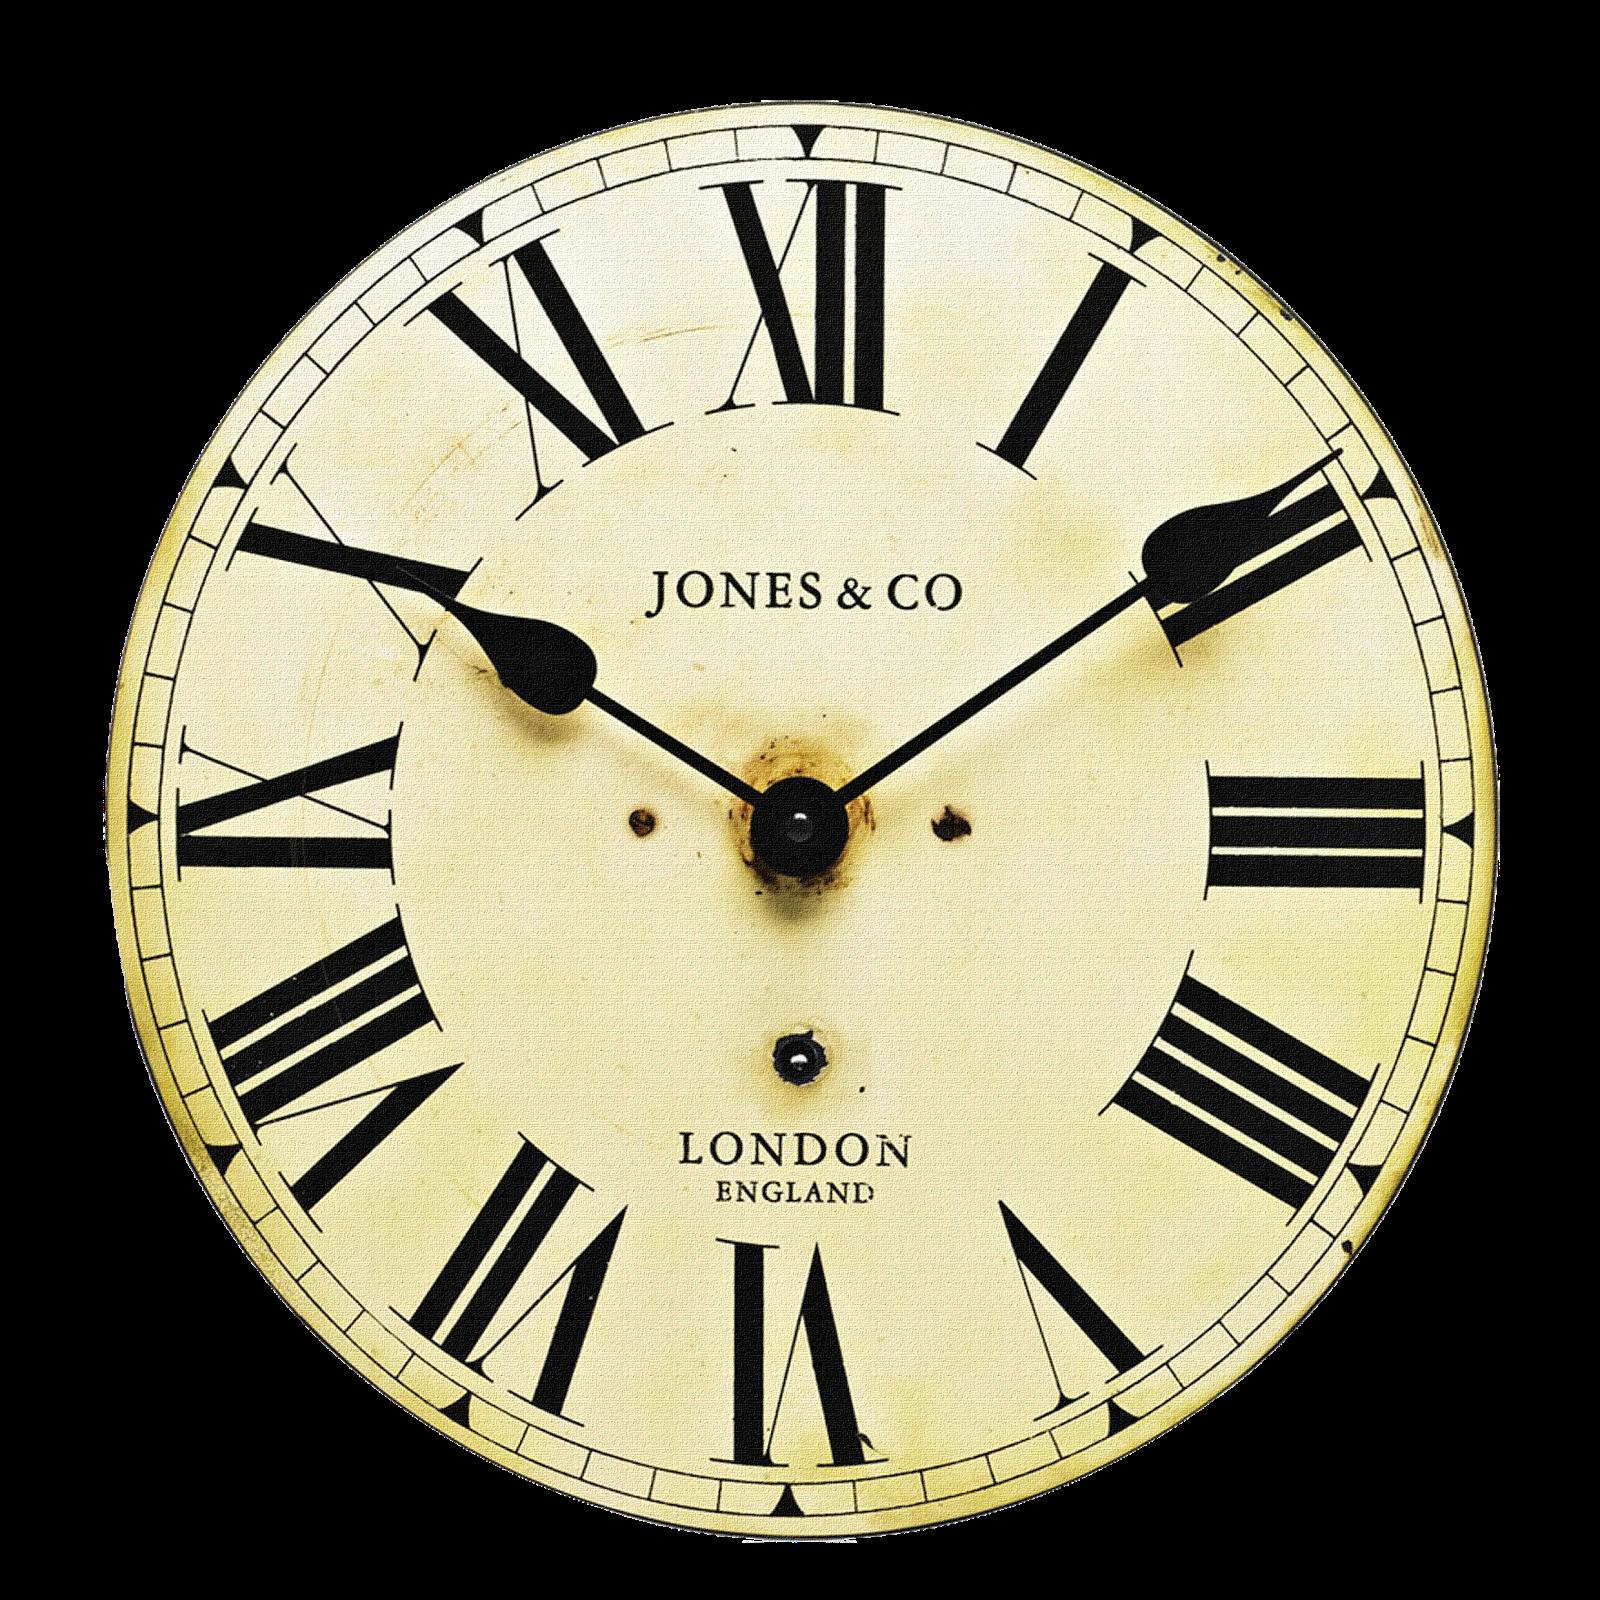 Orologi e ancora clocks. Square clipart brown clock